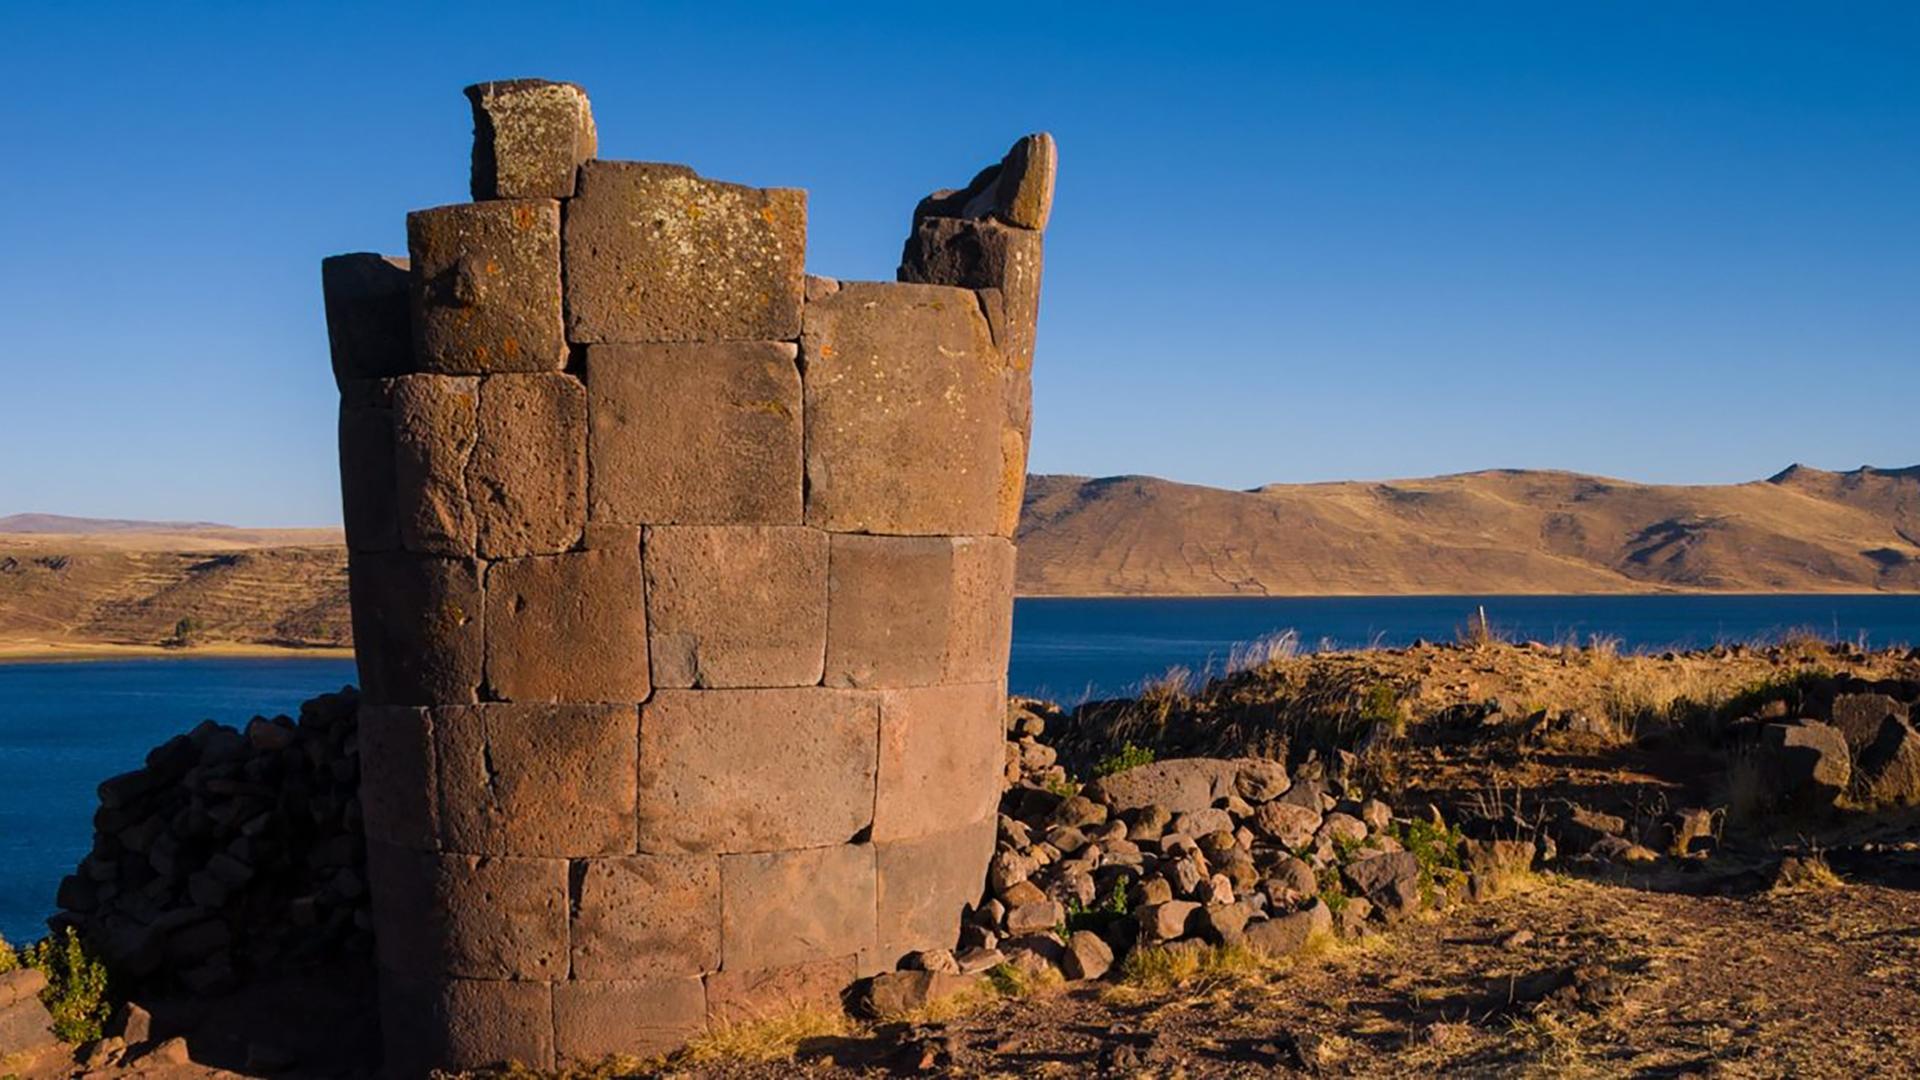 Site archéologique pré-Inca du Lac Titicaca, situé sur les rives du lac Umayo